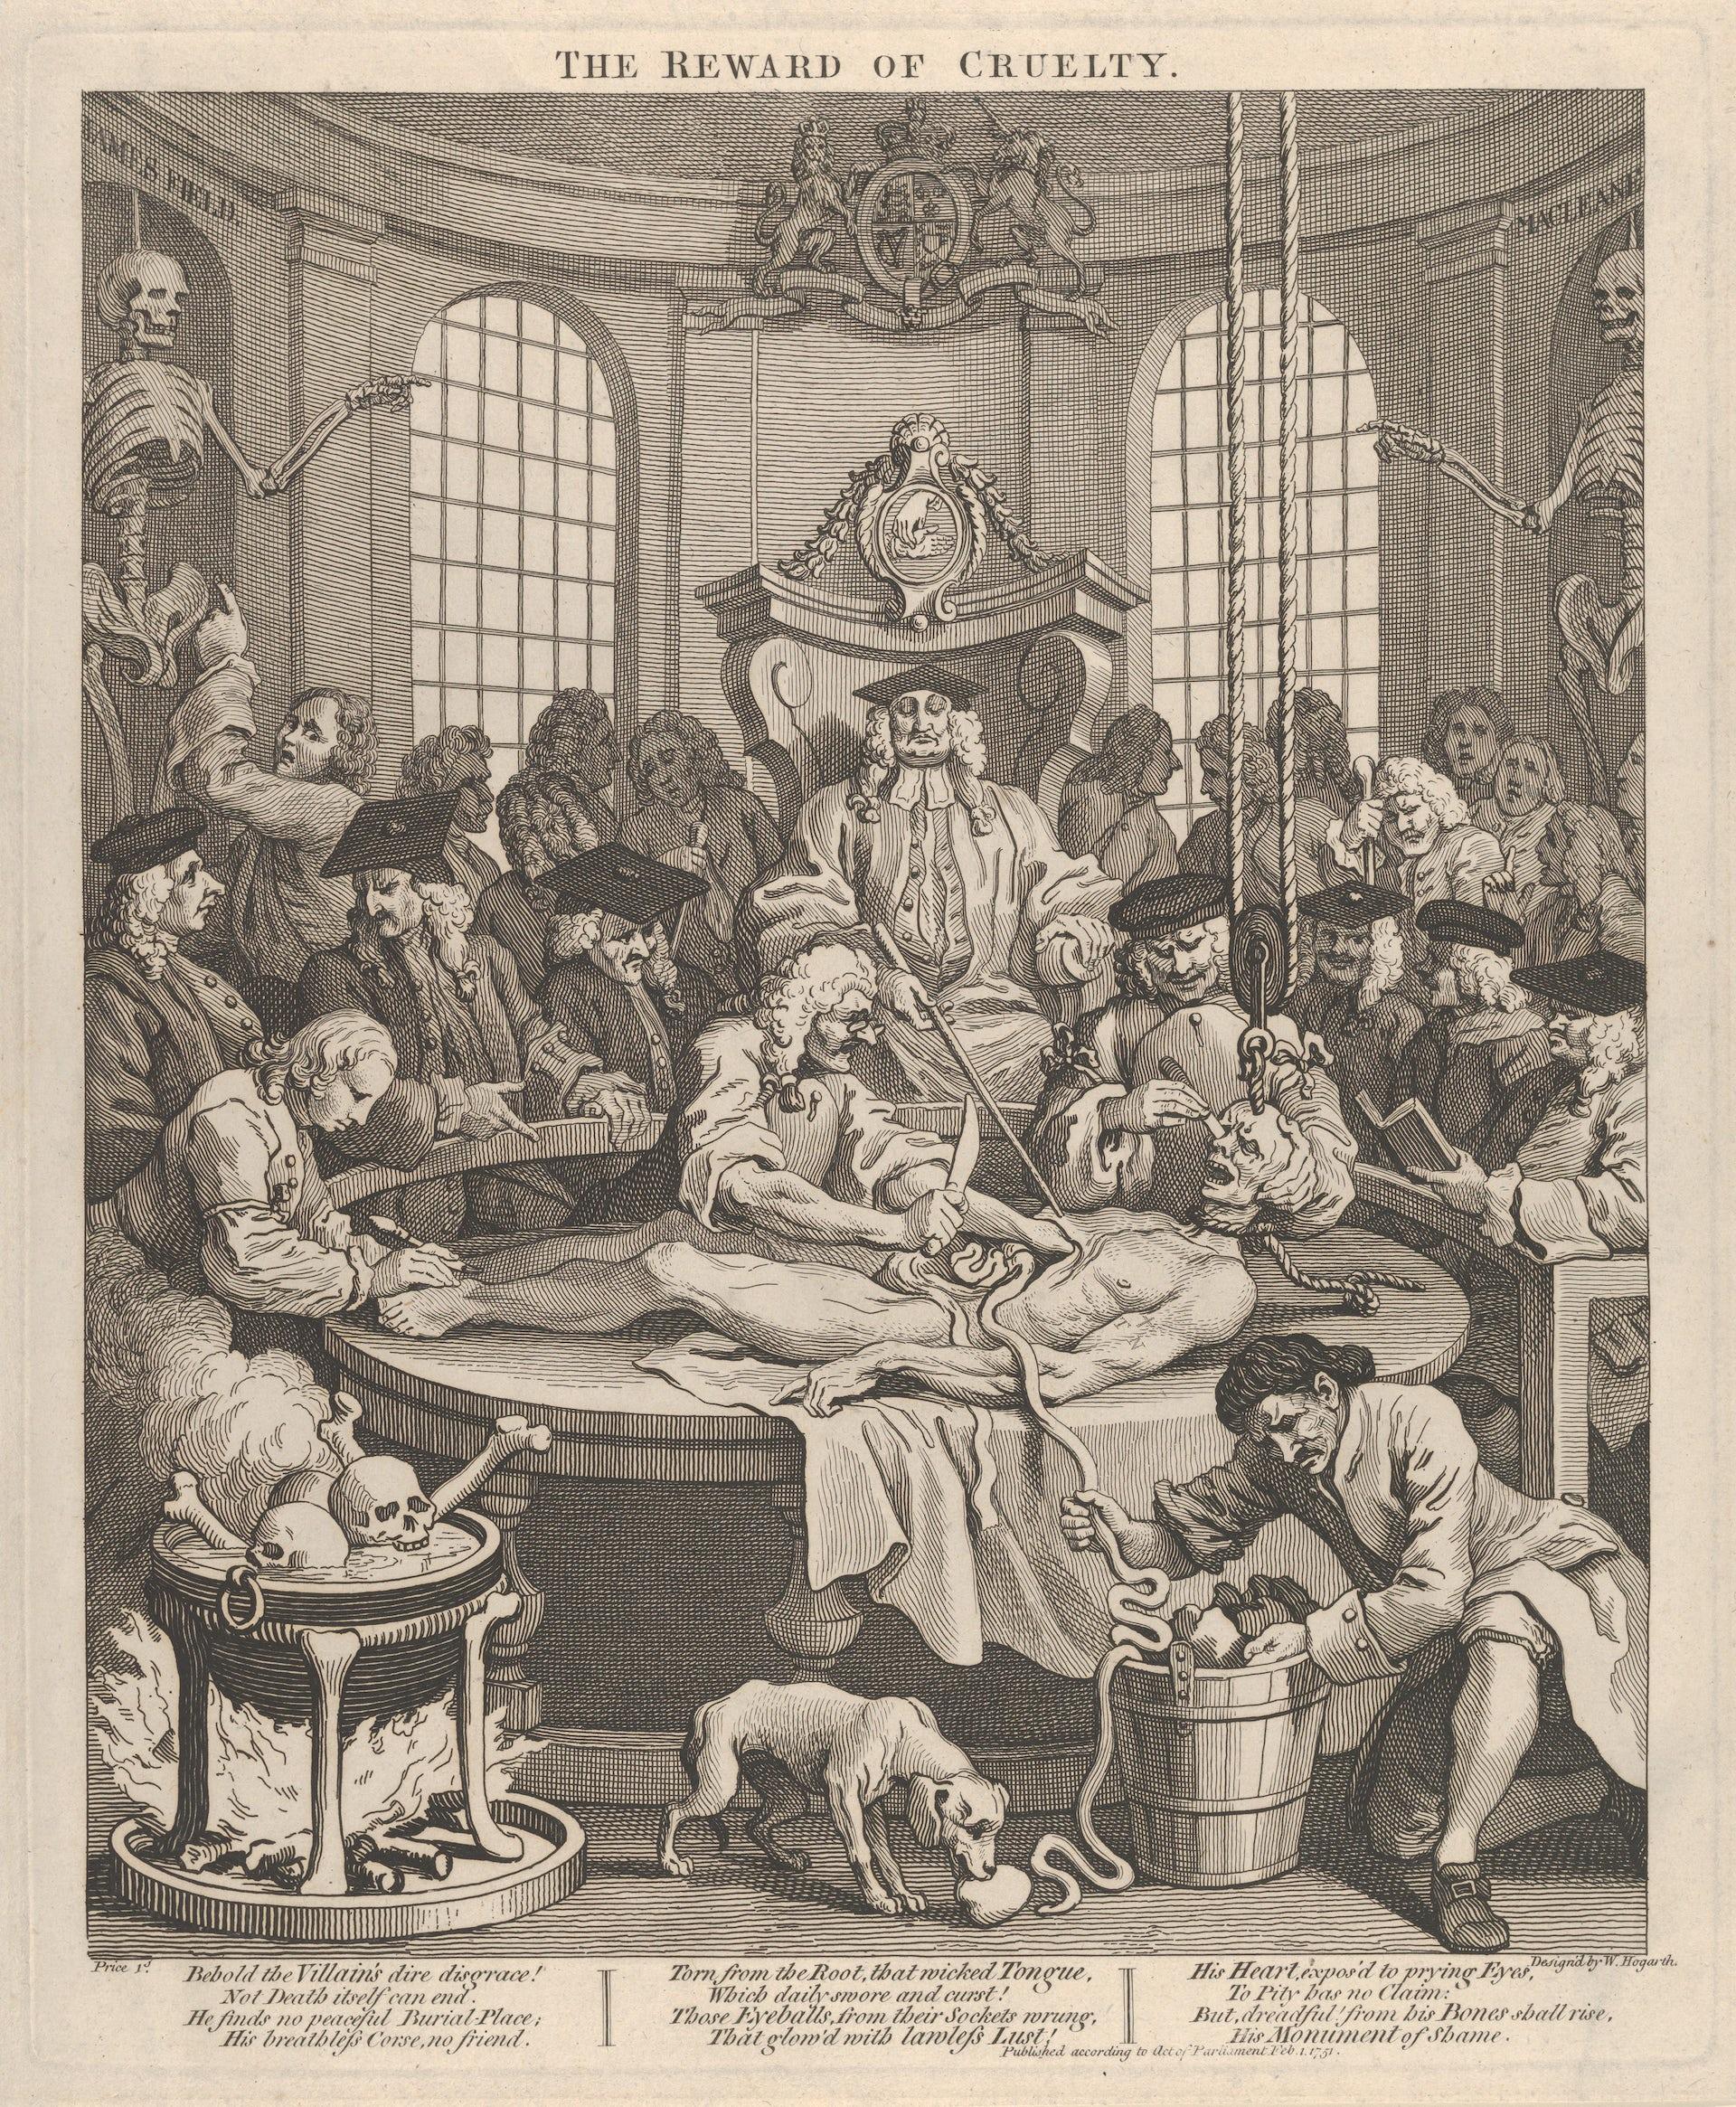 La trajectoire de ce Néron des bas-fonds s'achève sur une table de dissection, après son exécution. William Hogart